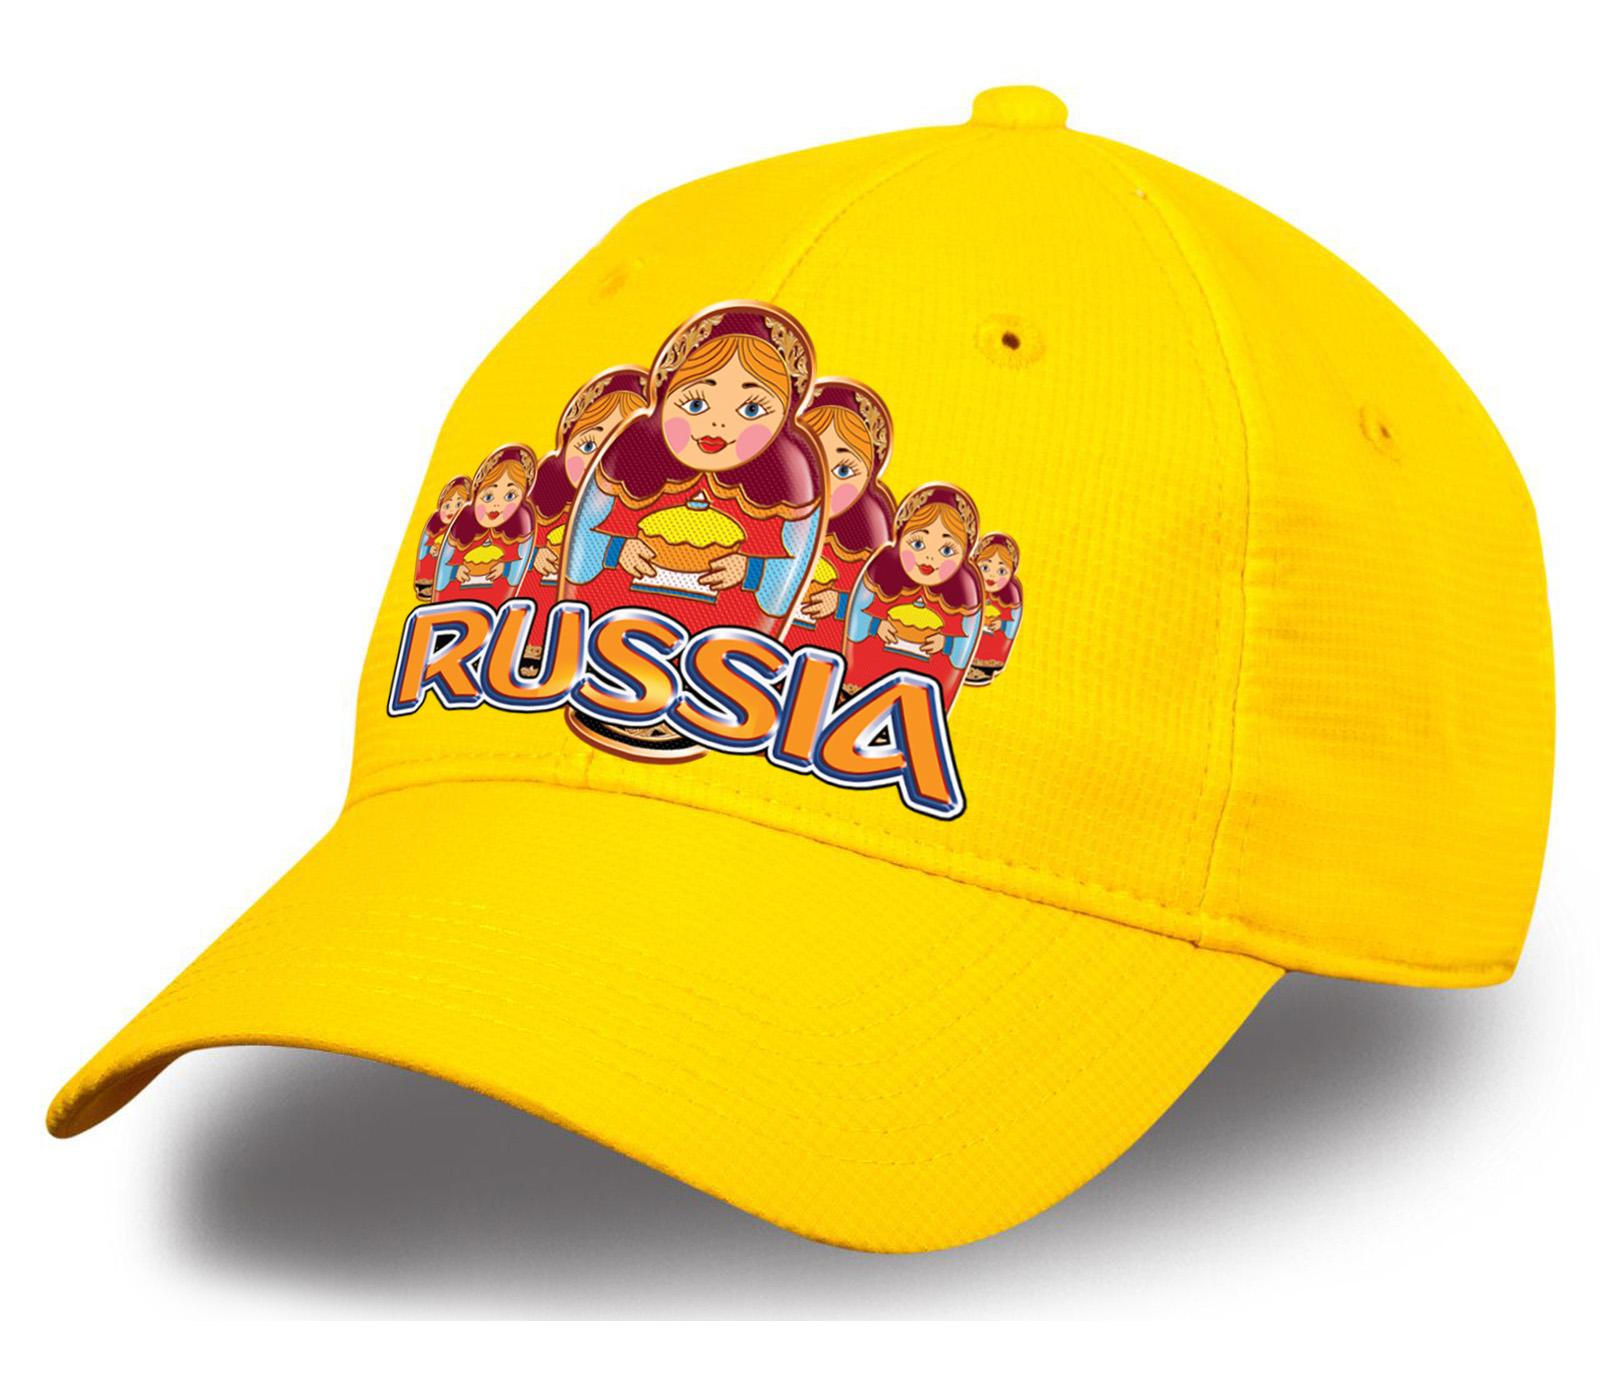 """Желтая бейсболка """"Russia матрешки"""" из 100% хлопка. Качественная и удобная модель, тренд сезона! Выбирай самое модное и лучшее!"""